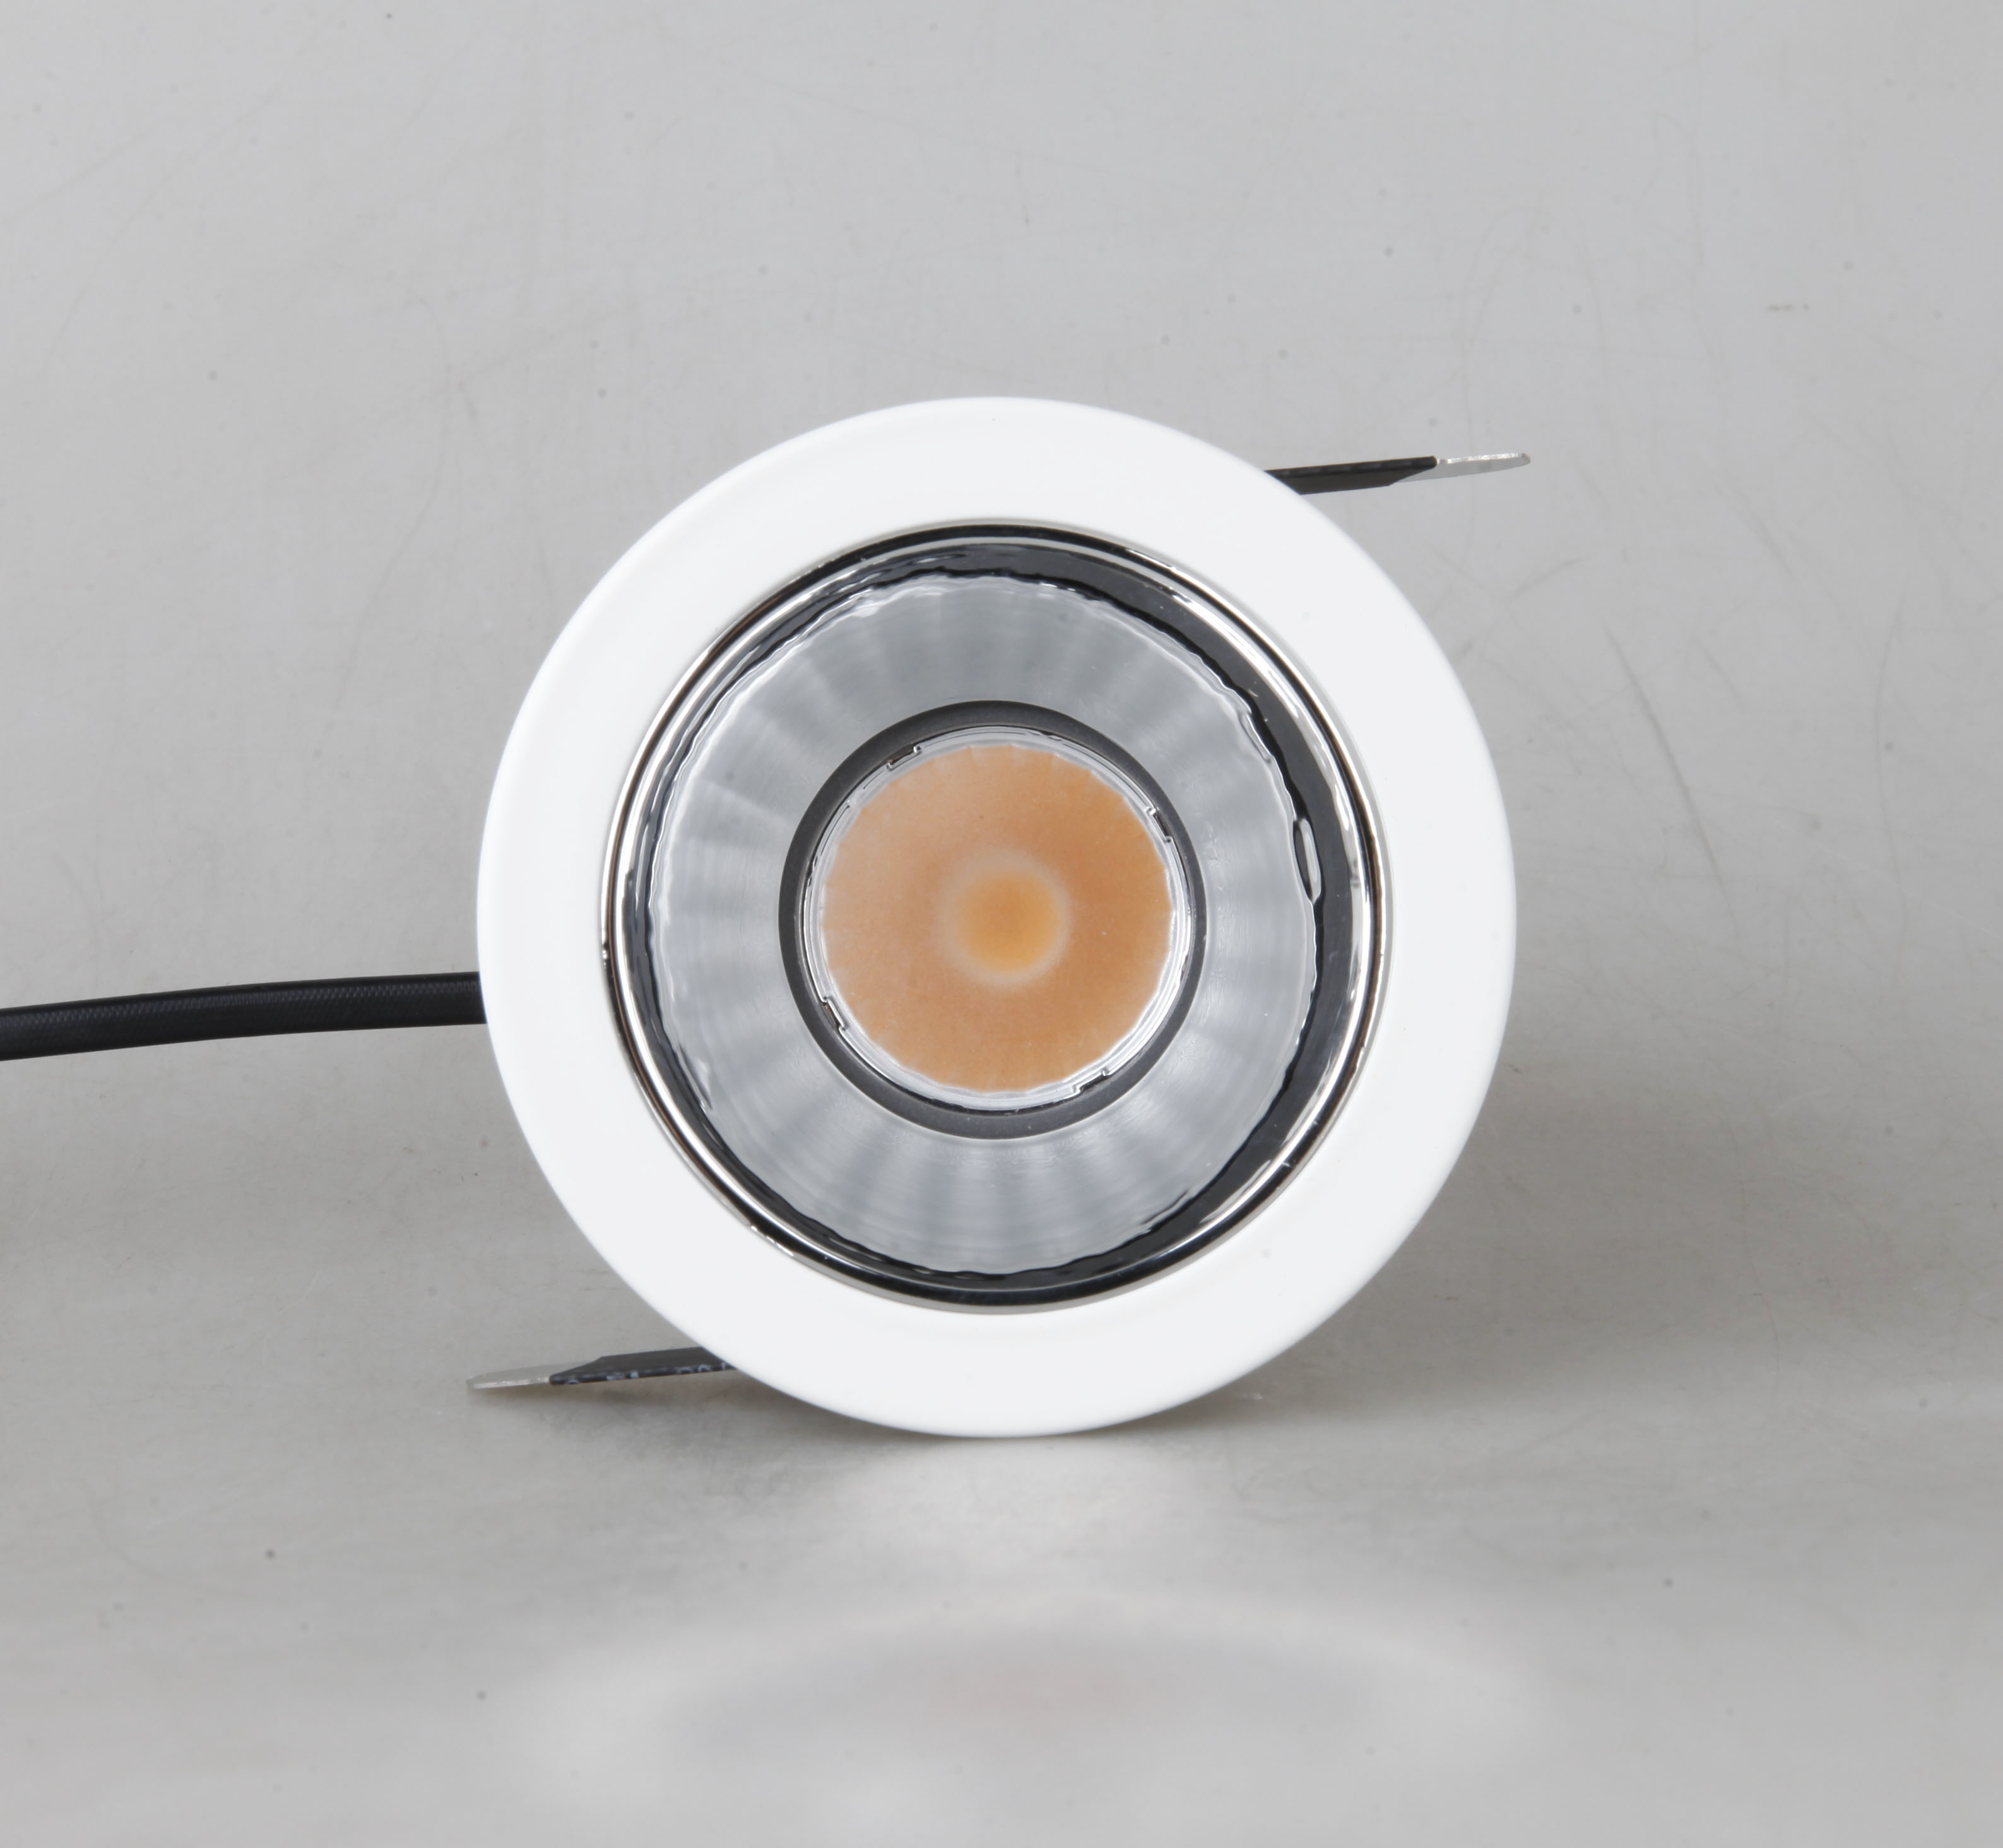 DGT Lighting spot downlight design for indoor-1